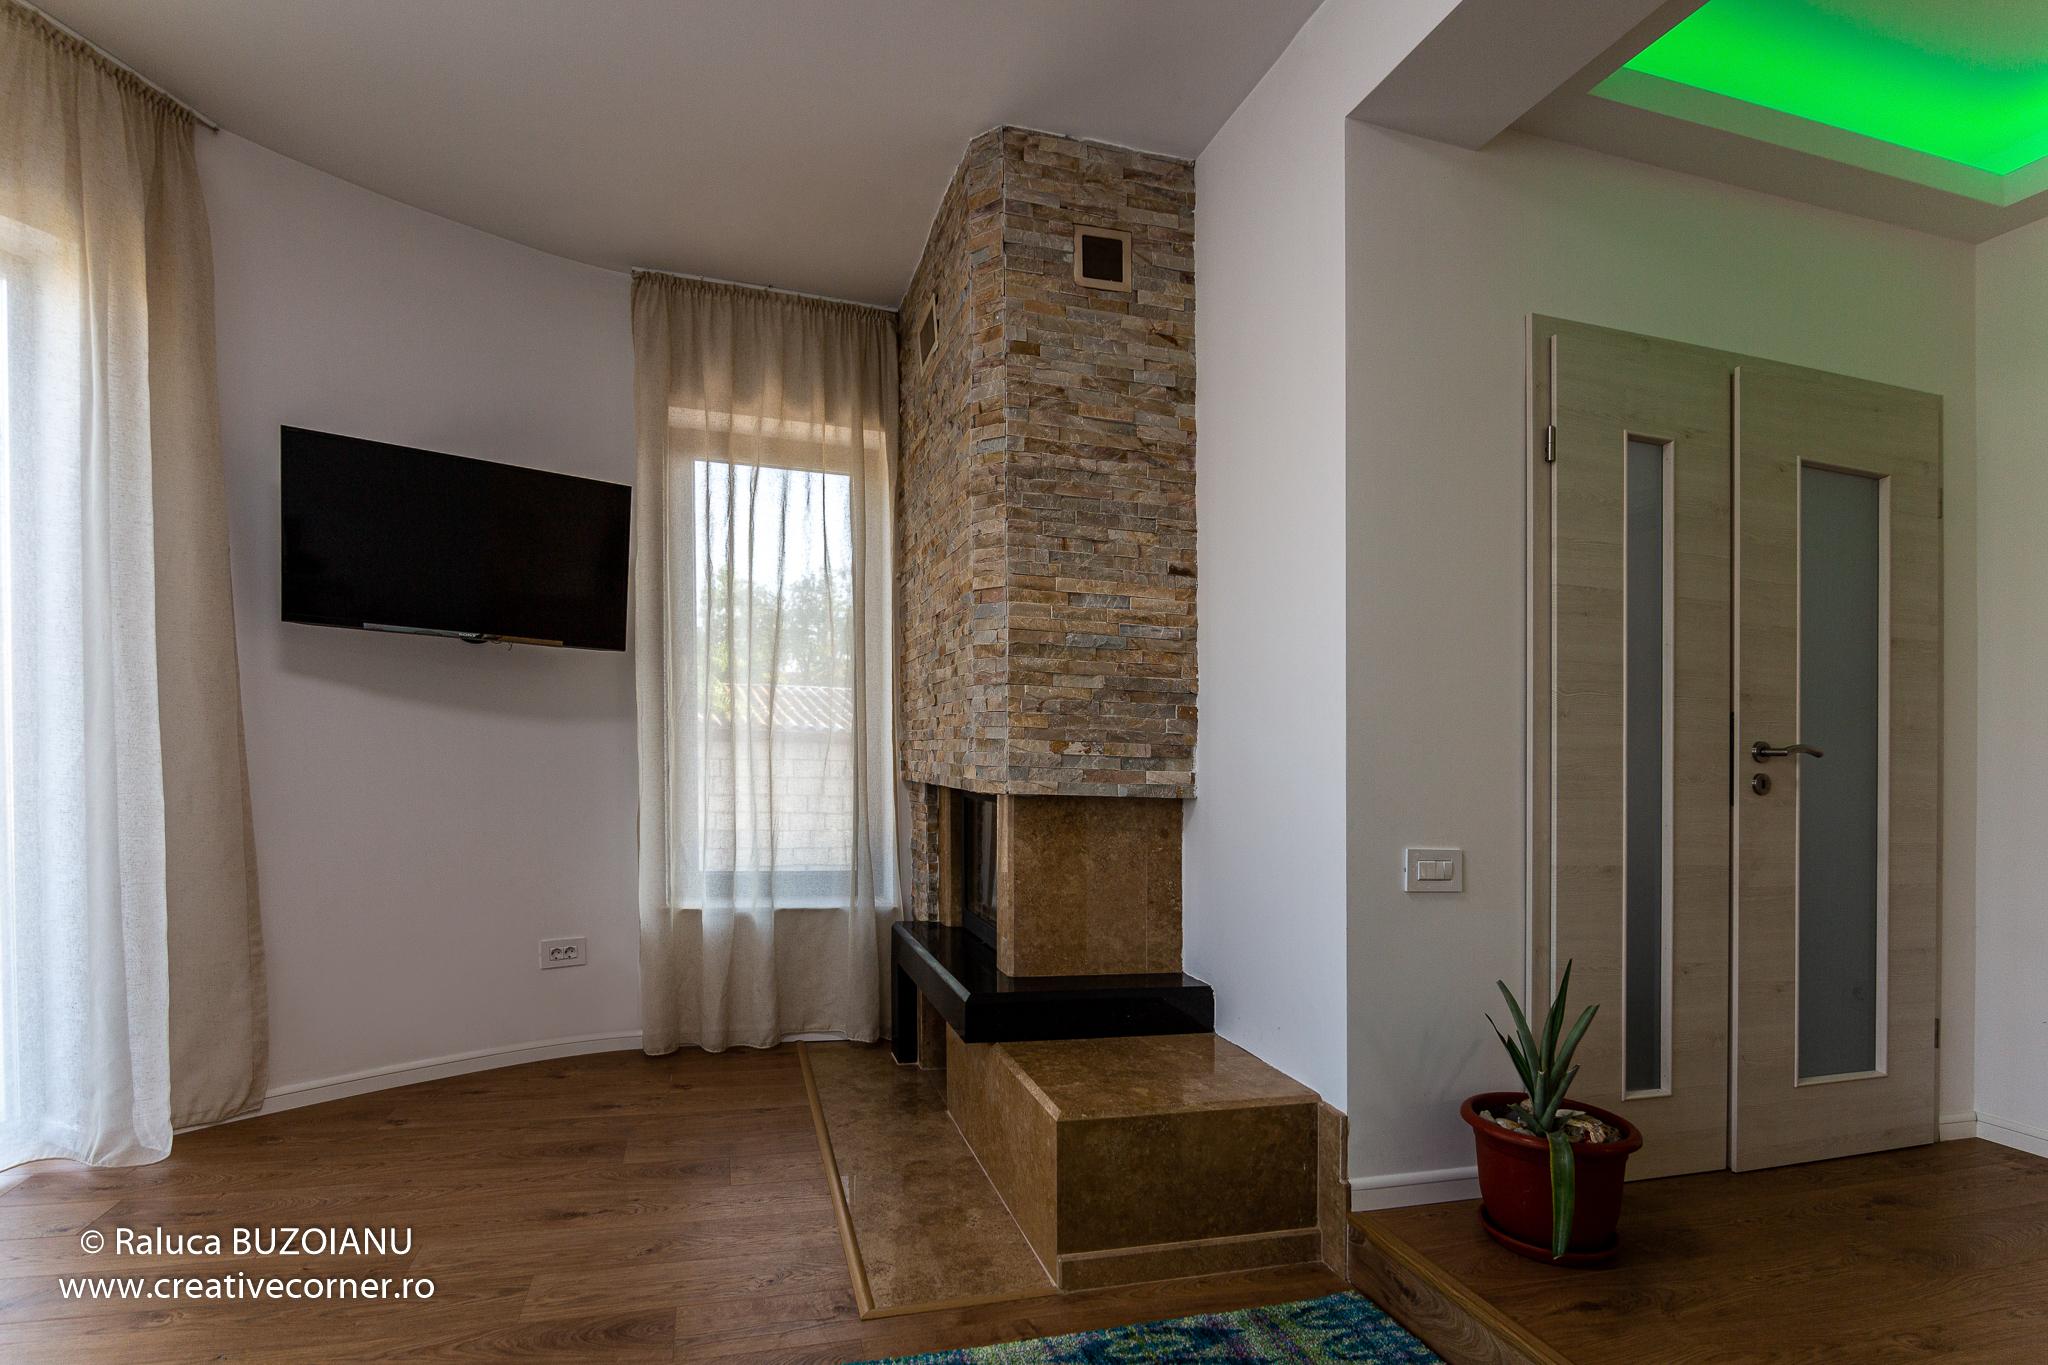 Casa-de-vanzare-Mihail-Kogalniceanu-Constanta-06